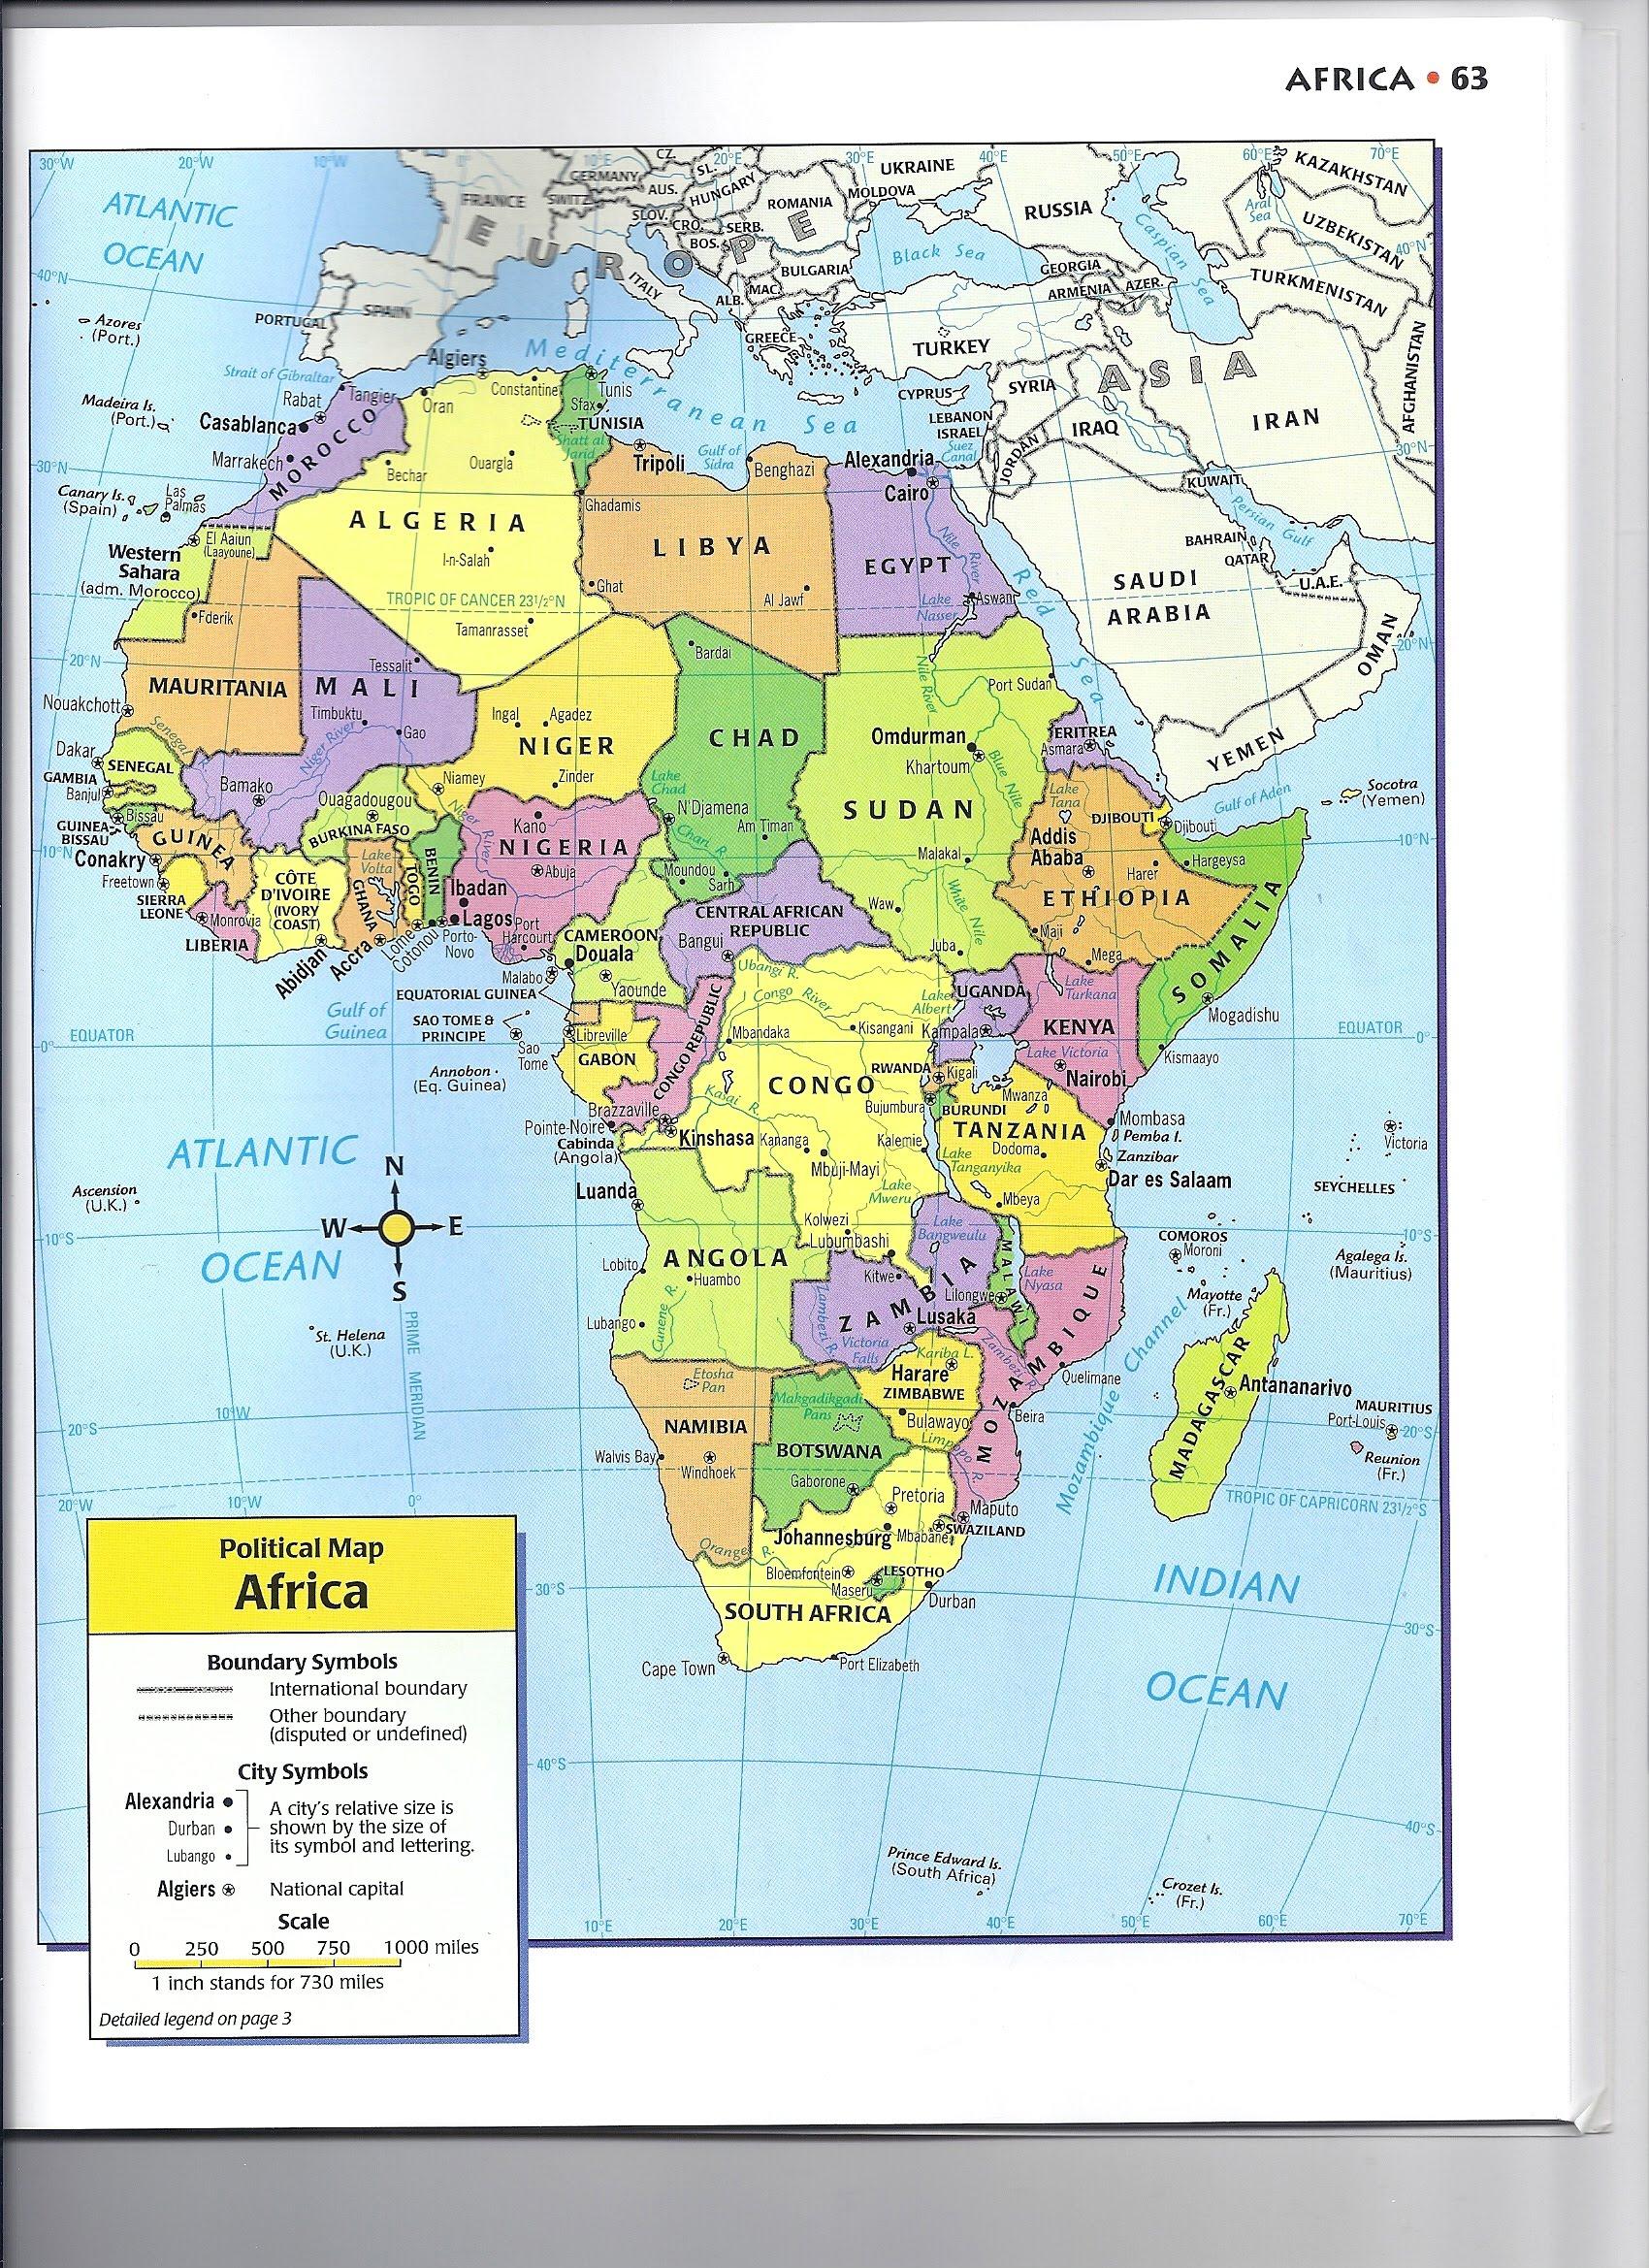 geography essay africa Todos los artículos sobre viajes a África fotos, historia, cultura, paisajes y propuestas sobre qué hacer y qué ver en África.